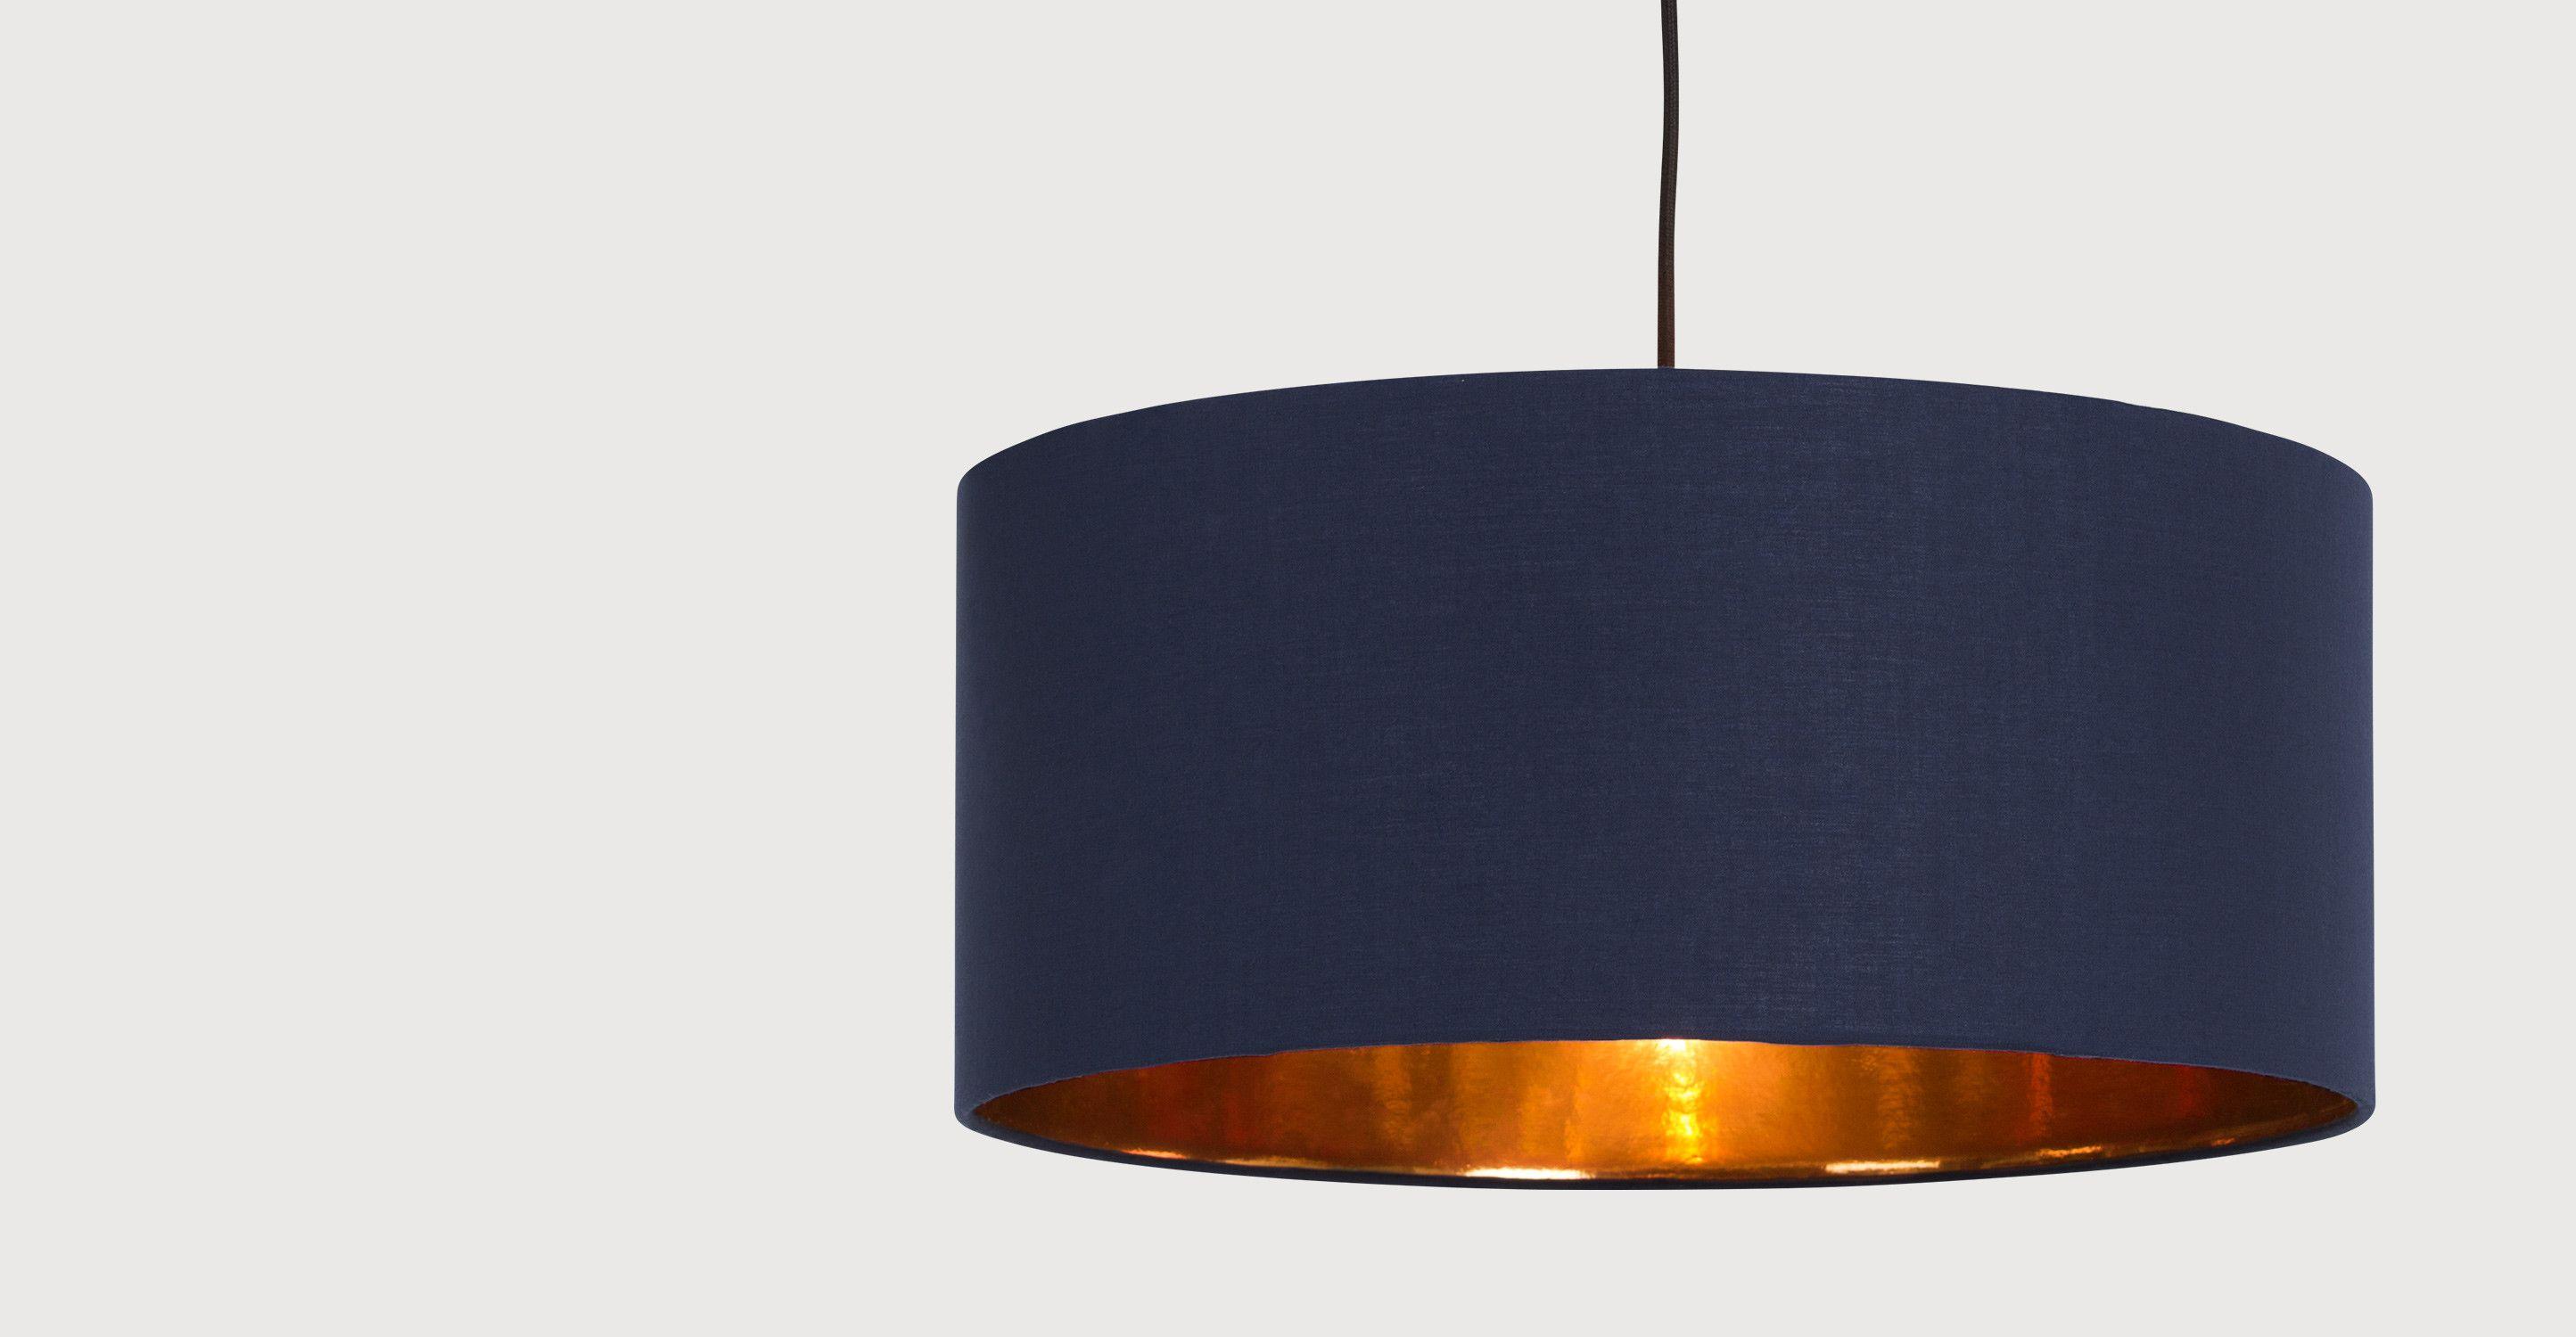 Lampenschirm Schlafzimmer ~ Hue lampenschirm cm navy und kupfer beleuchtung